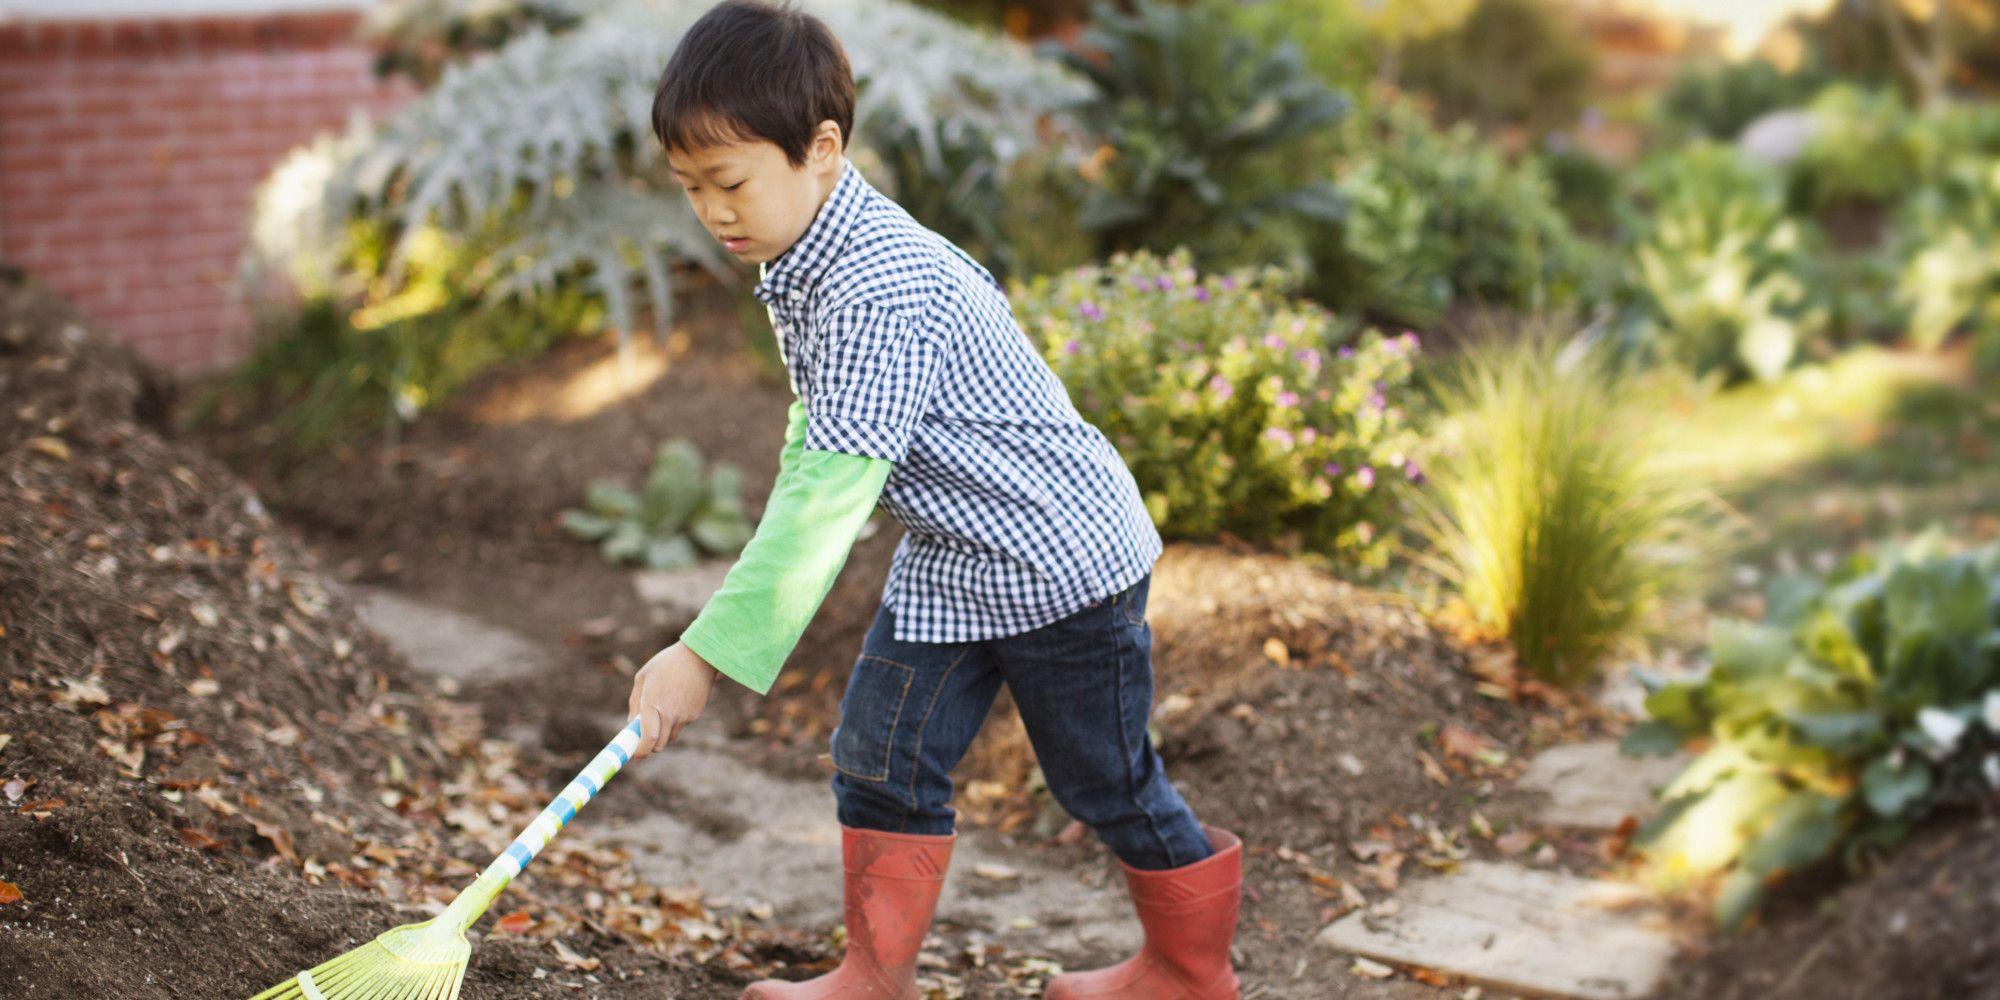 trẻ em thường rất thích phụ giúp cha mẹ làm việc nhà.